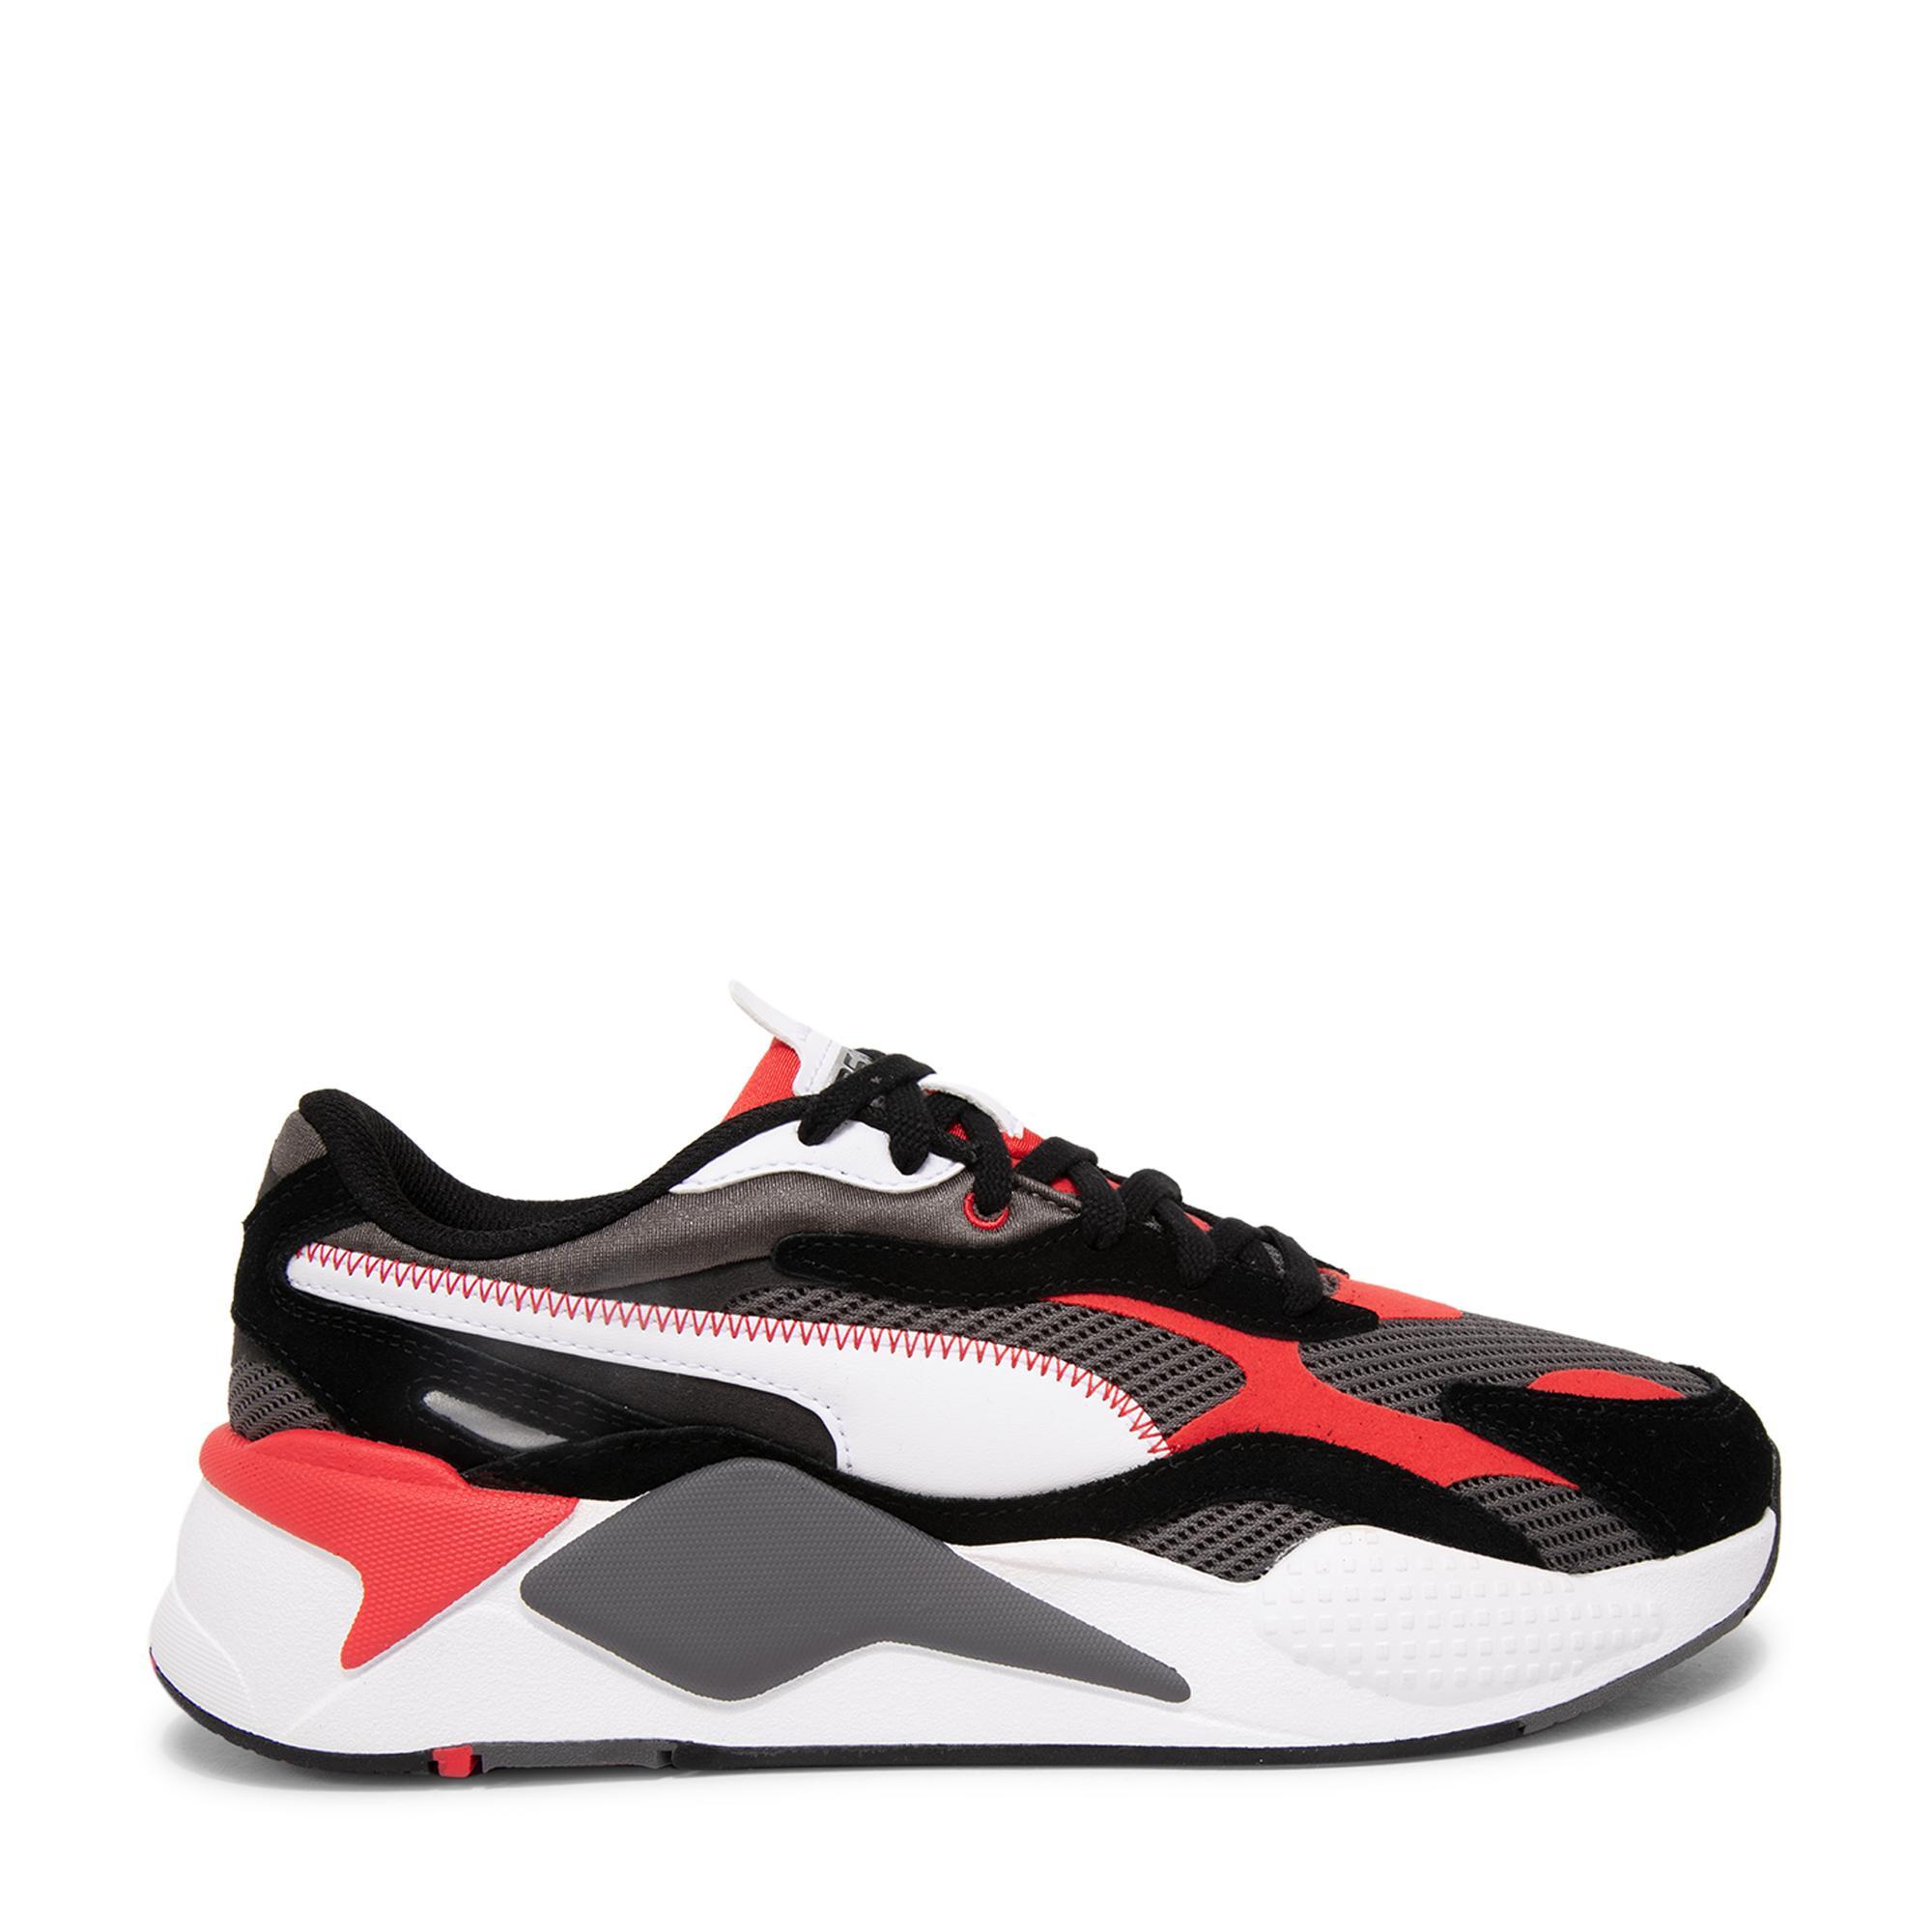 """الحذاء الرياضي """"آر إس- إكس3 تويل إير ميش"""""""